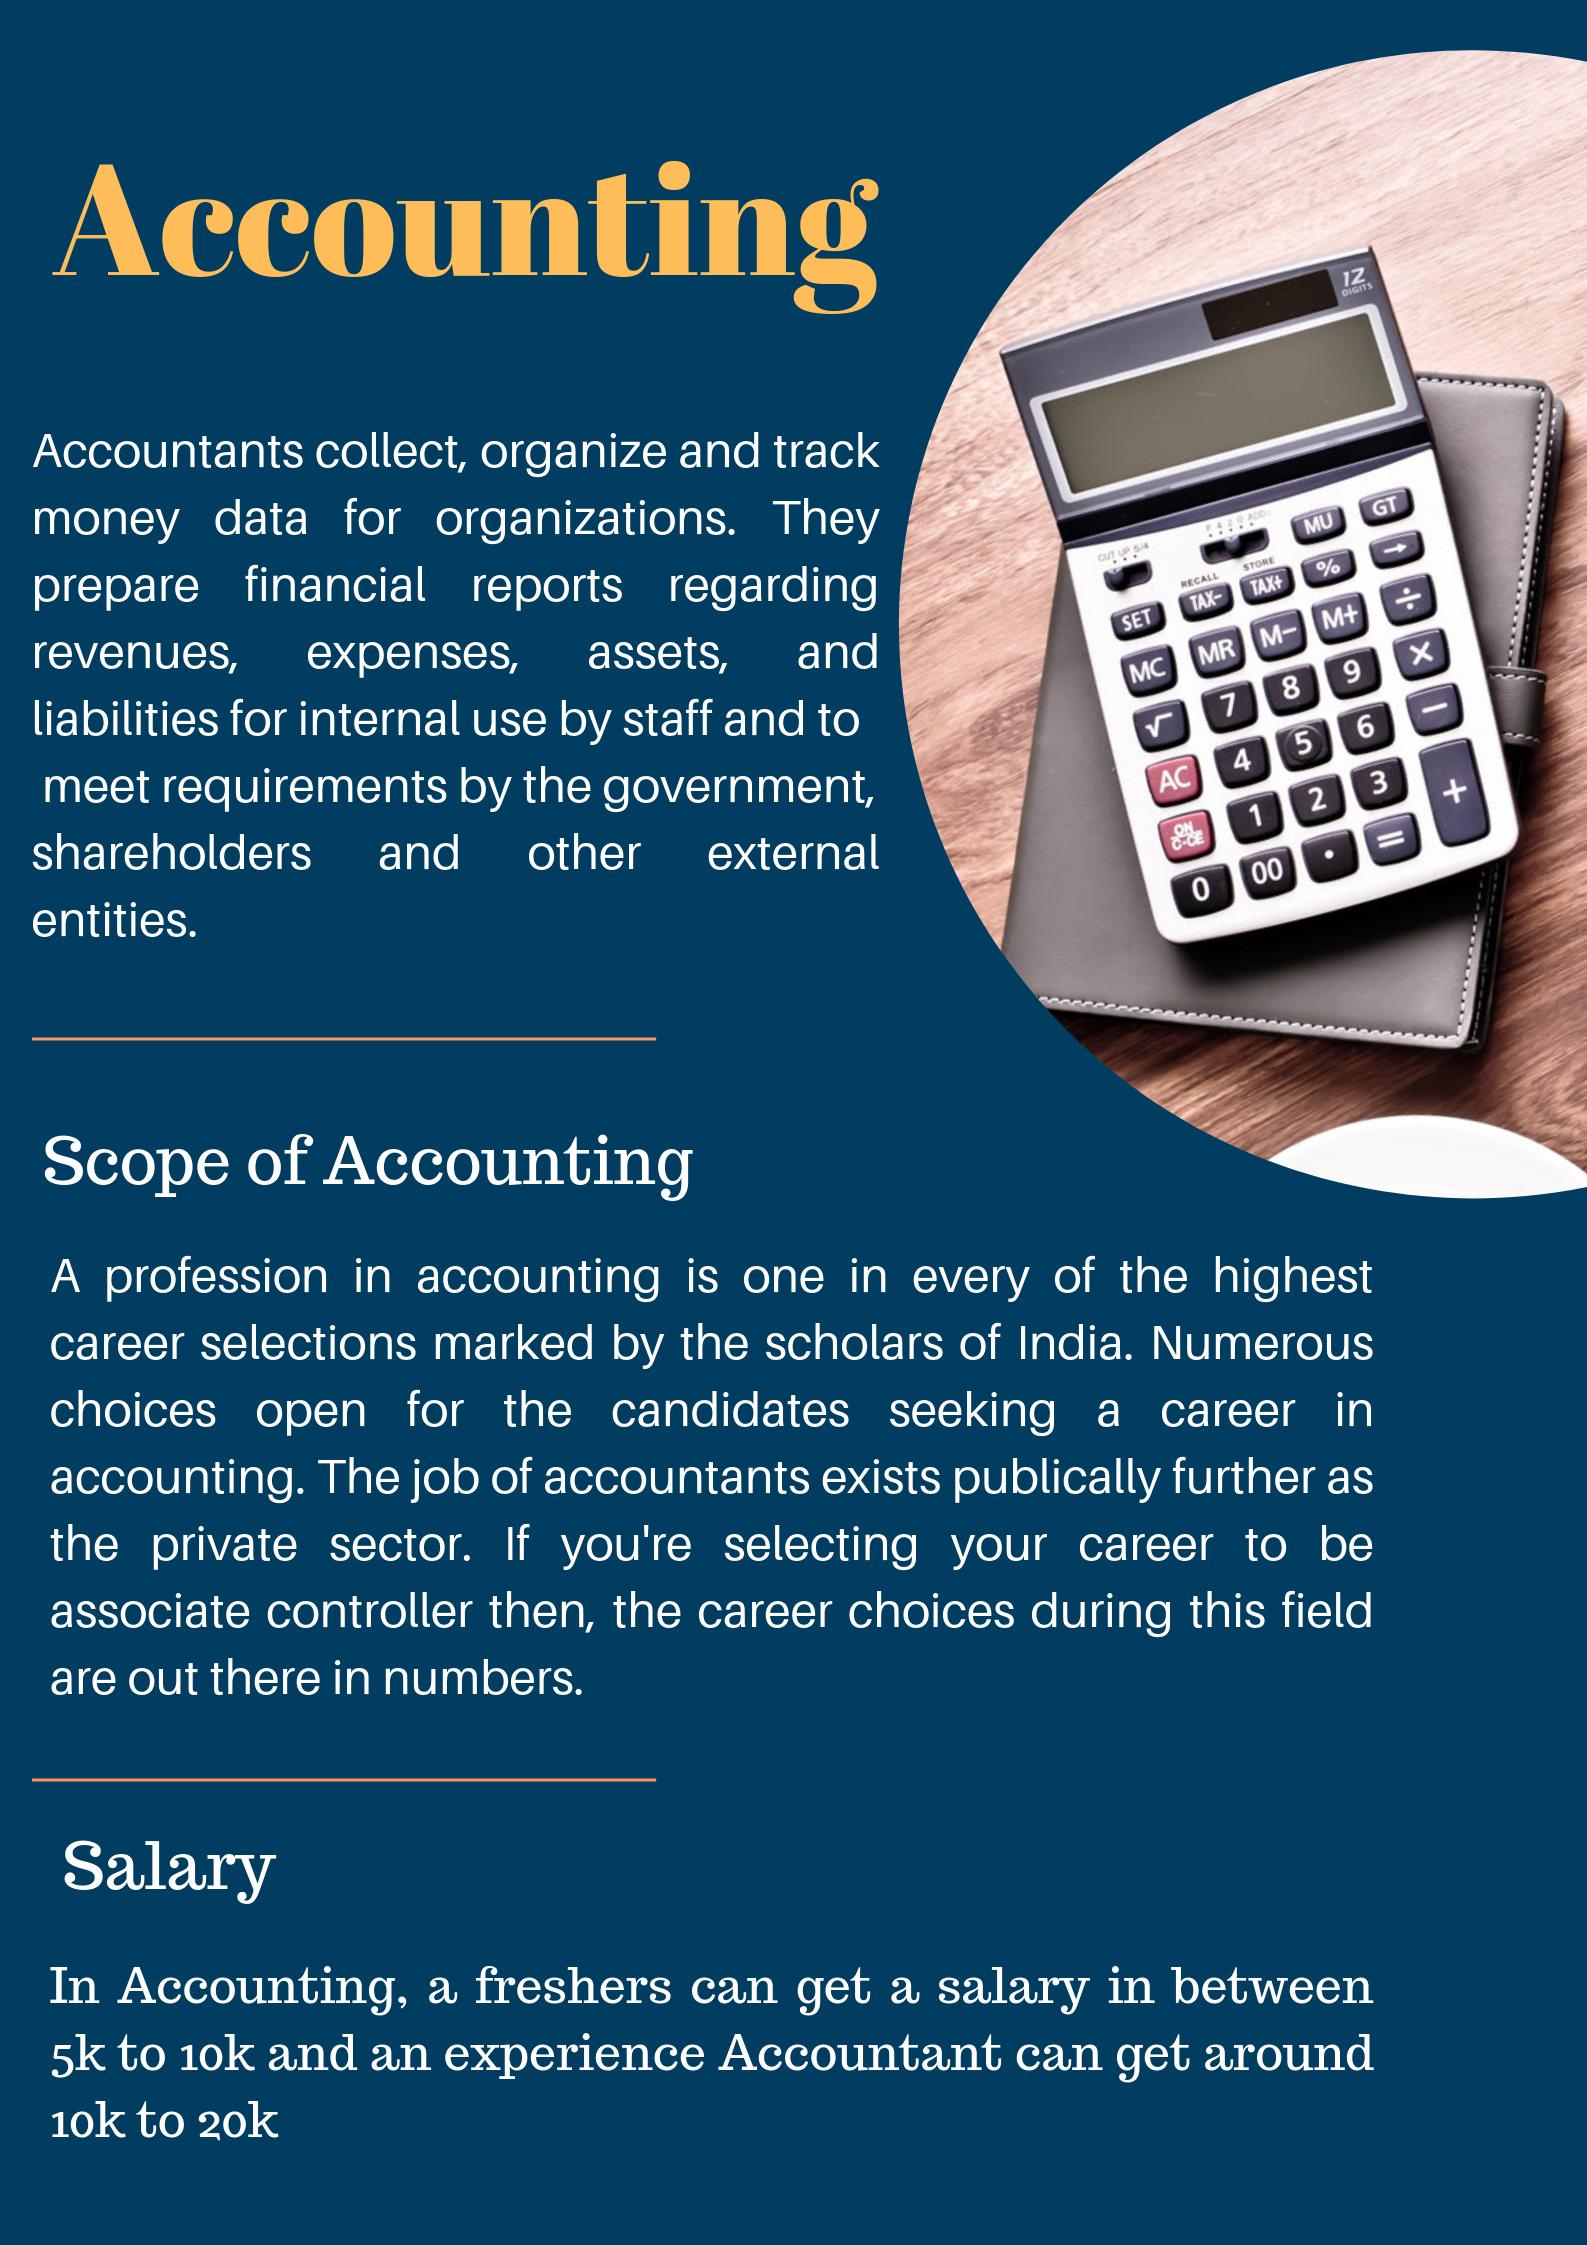 Accountant Job Description Accountants Collect Organize